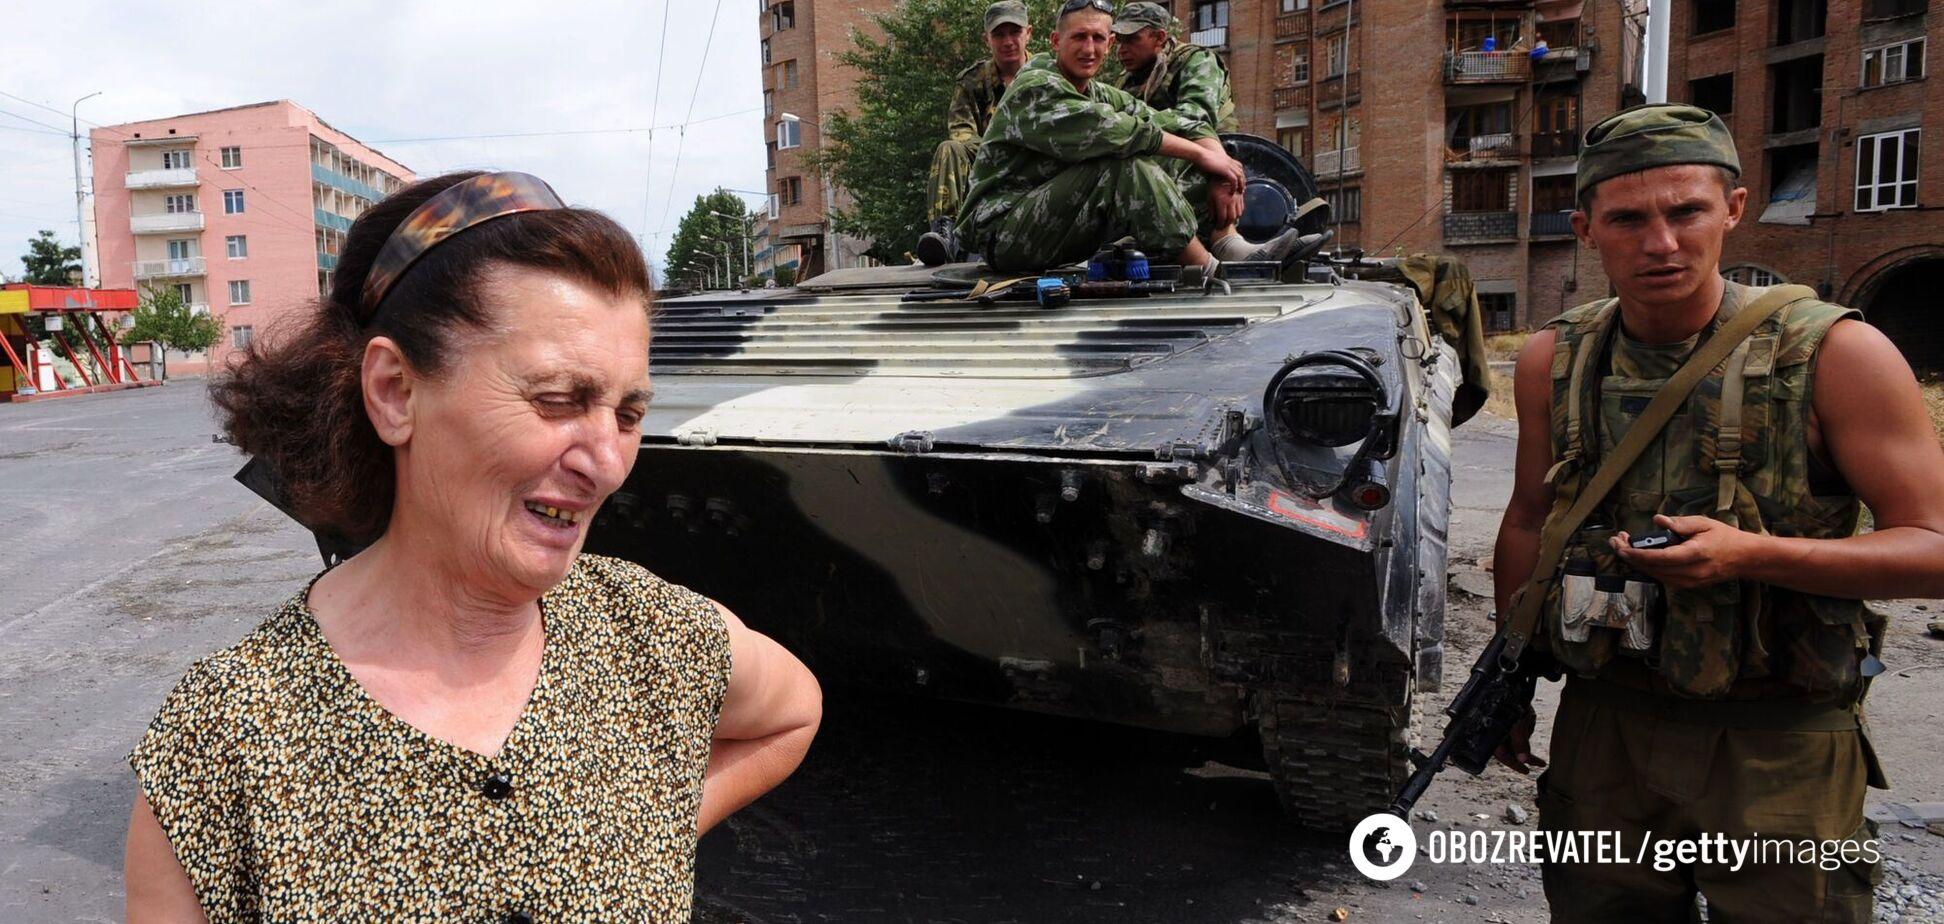 ЄСПЛ став на сторону Грузії у війні 2008 року: у РФ заявили про свою 'перемогу'